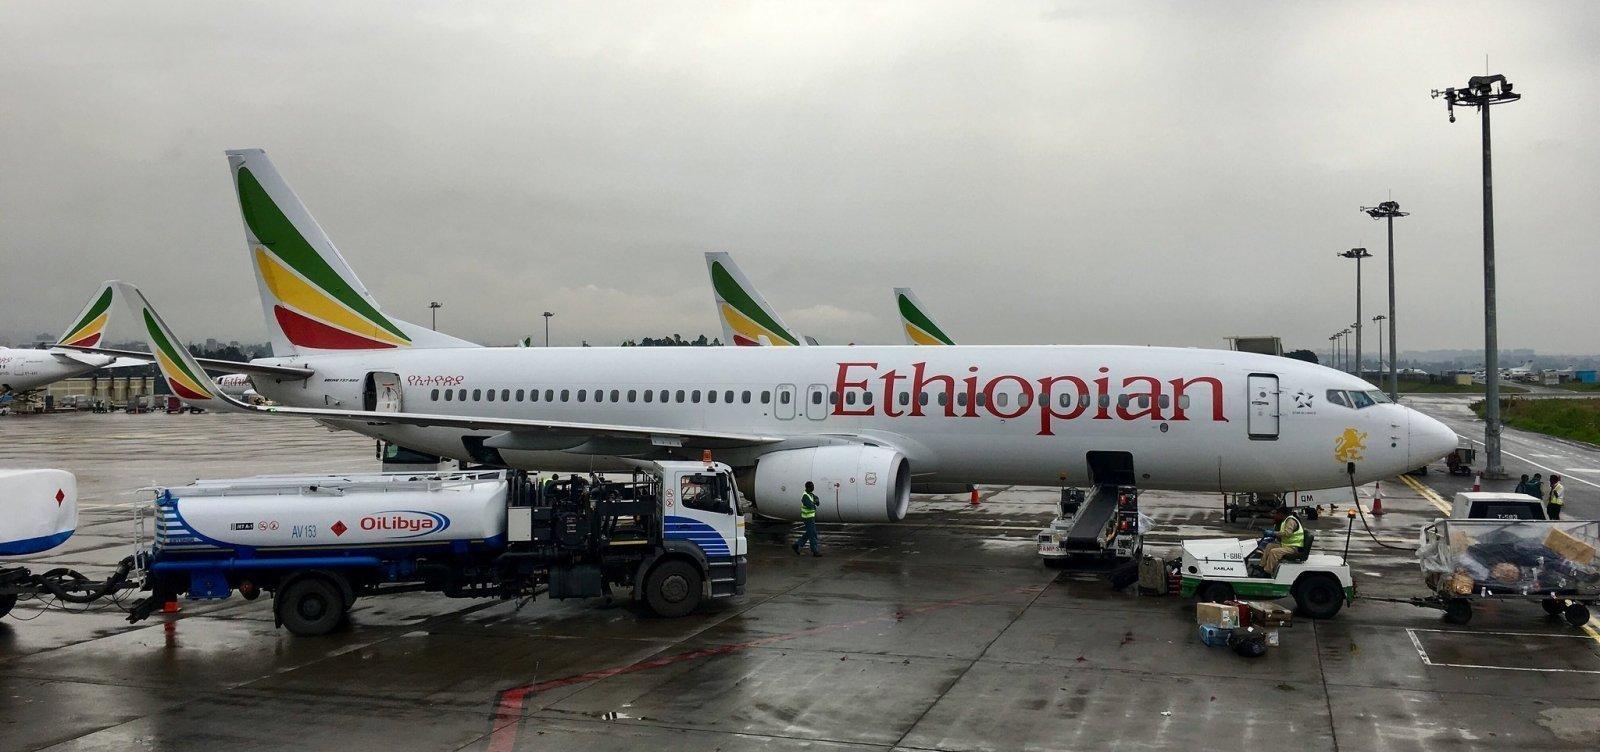 [Boeing corta produção do 737 MAX após acidentes com modelo]